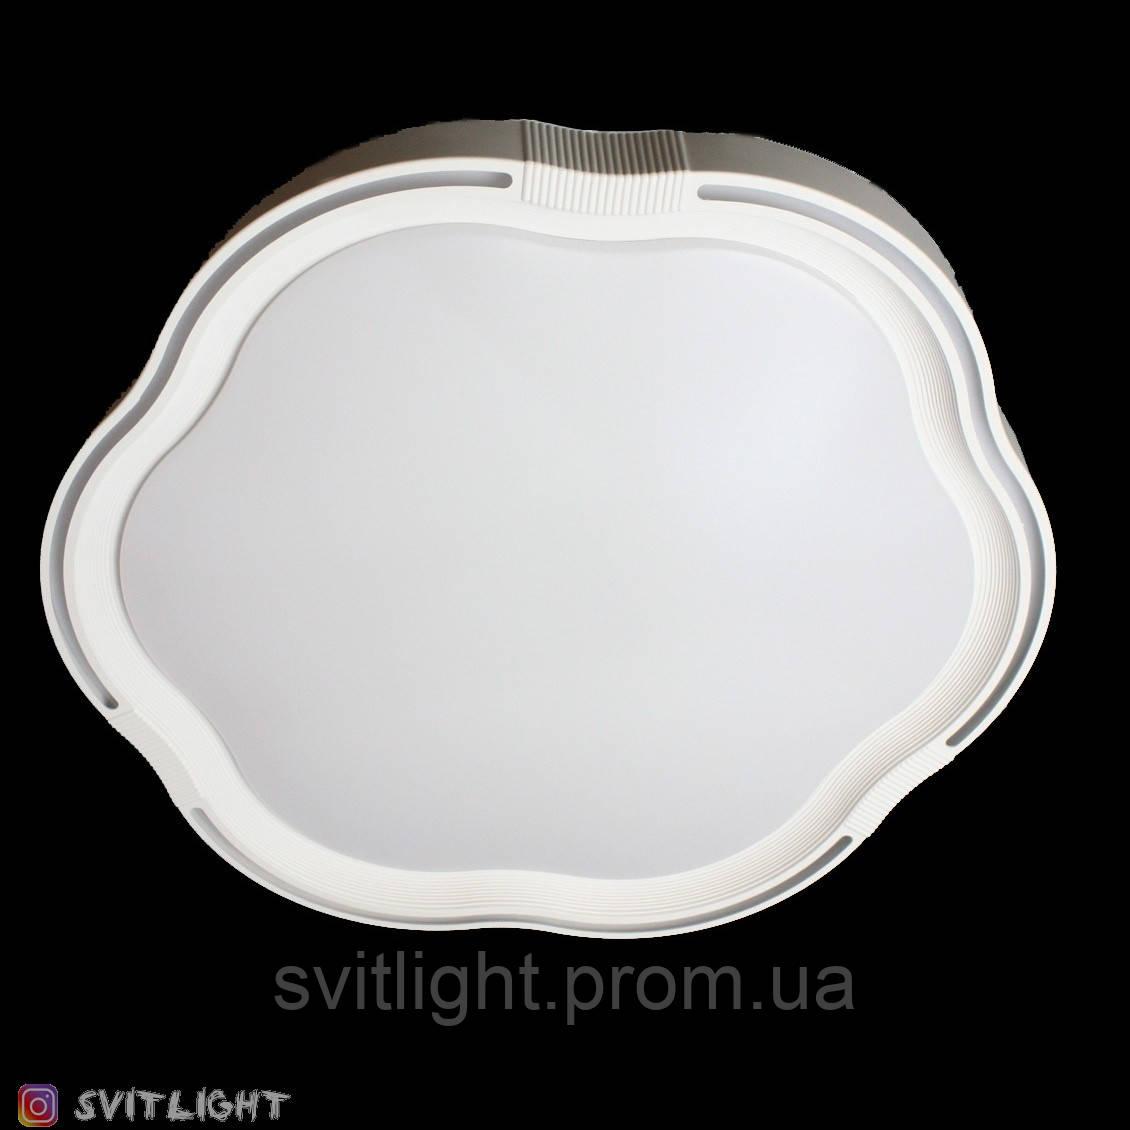 Светодиодная люстра трехцветная 2207-c/24w Svitlight